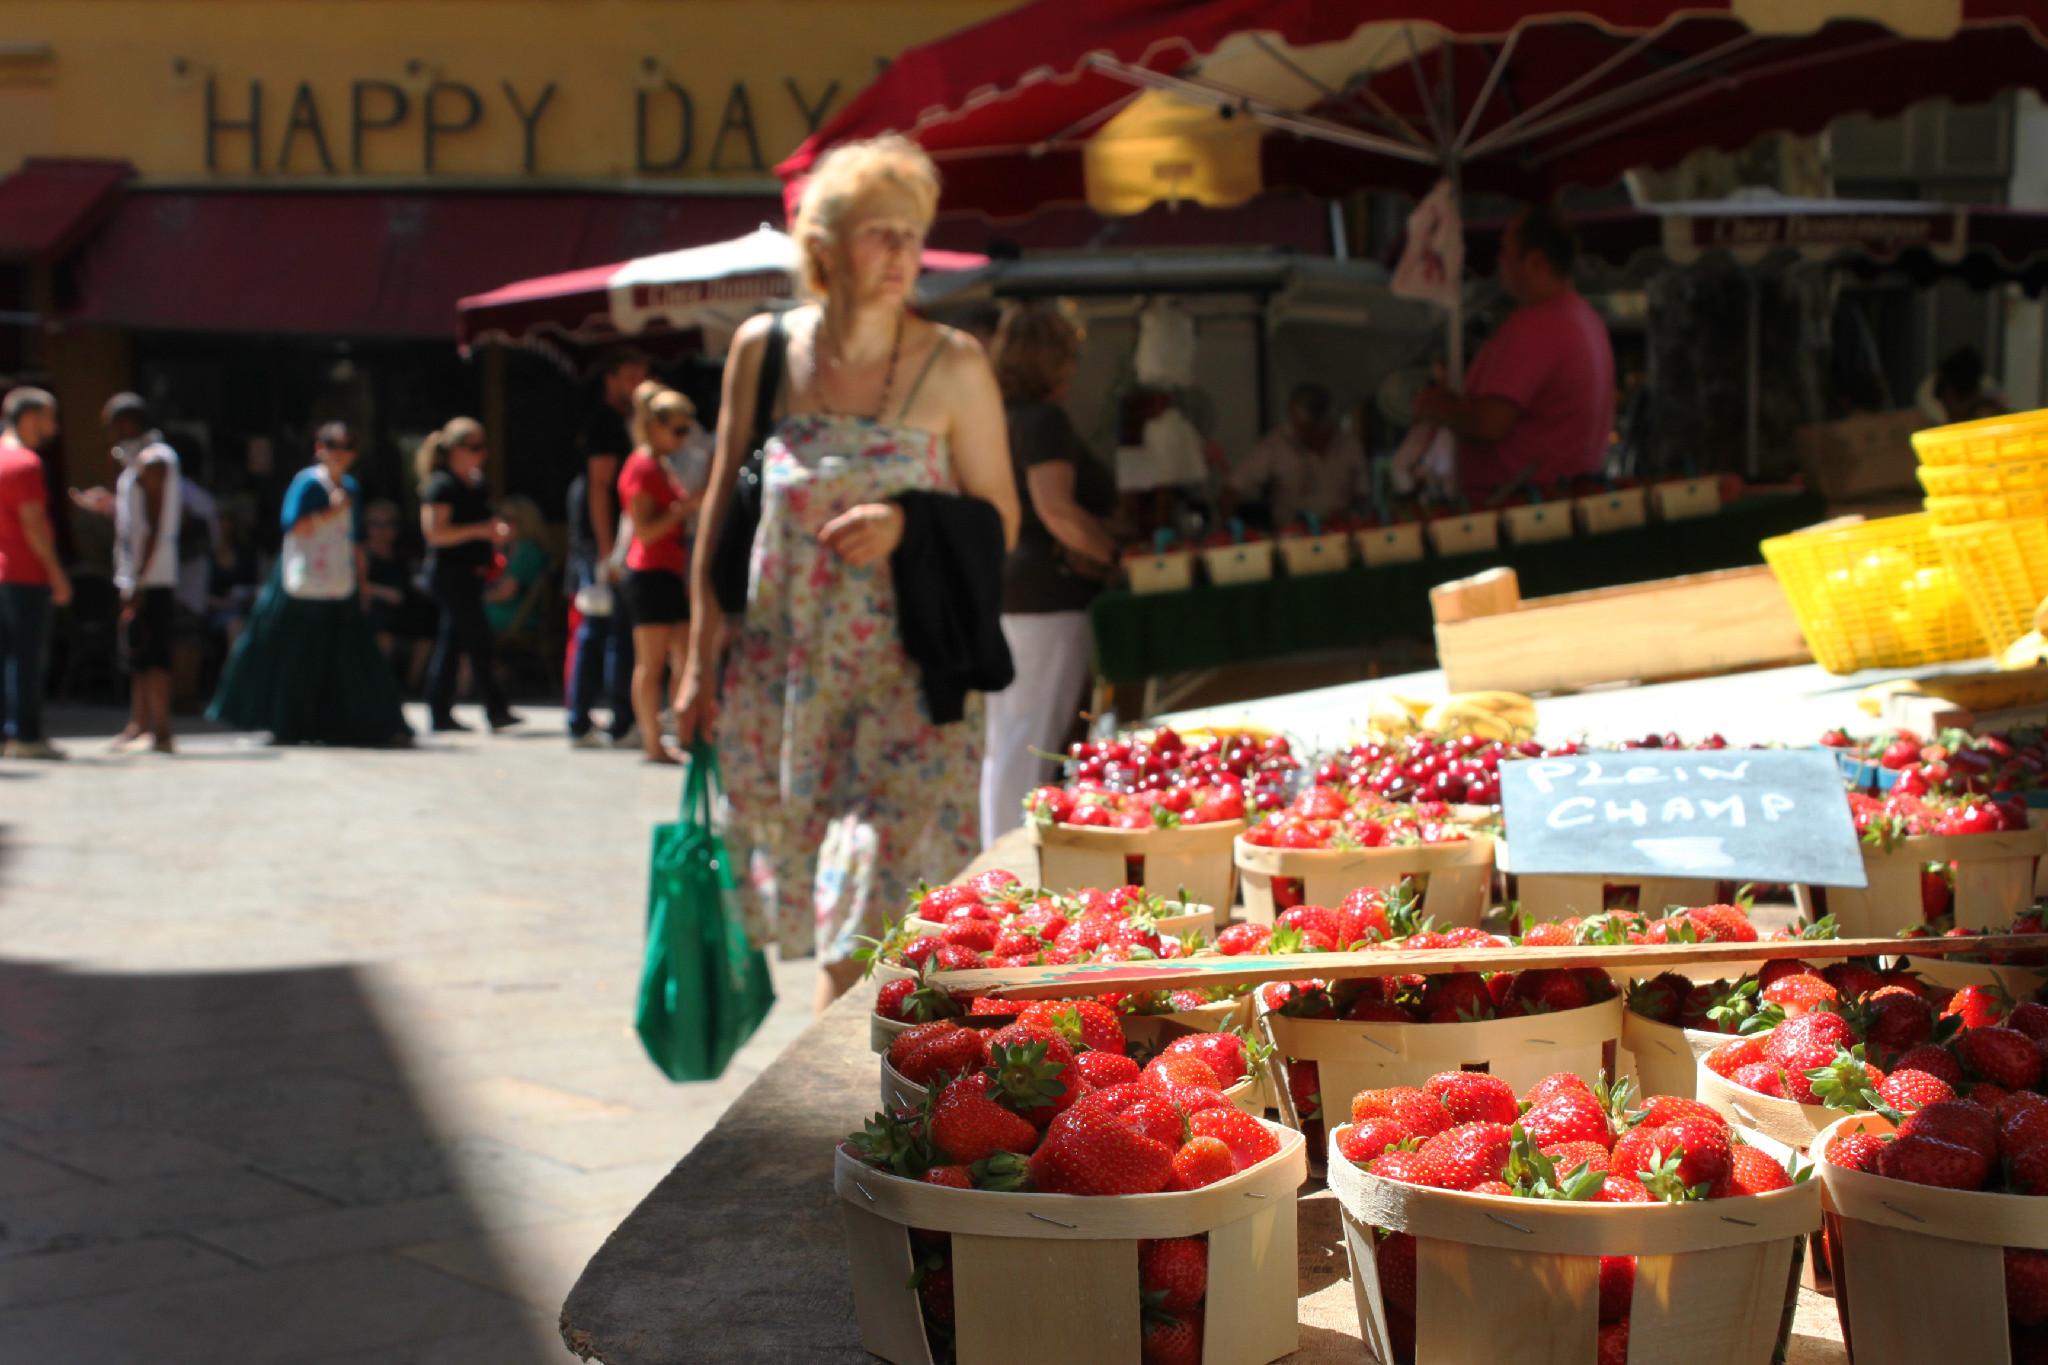 Al mercato, fragole di cui mi ricordo ancora il profumo intenso